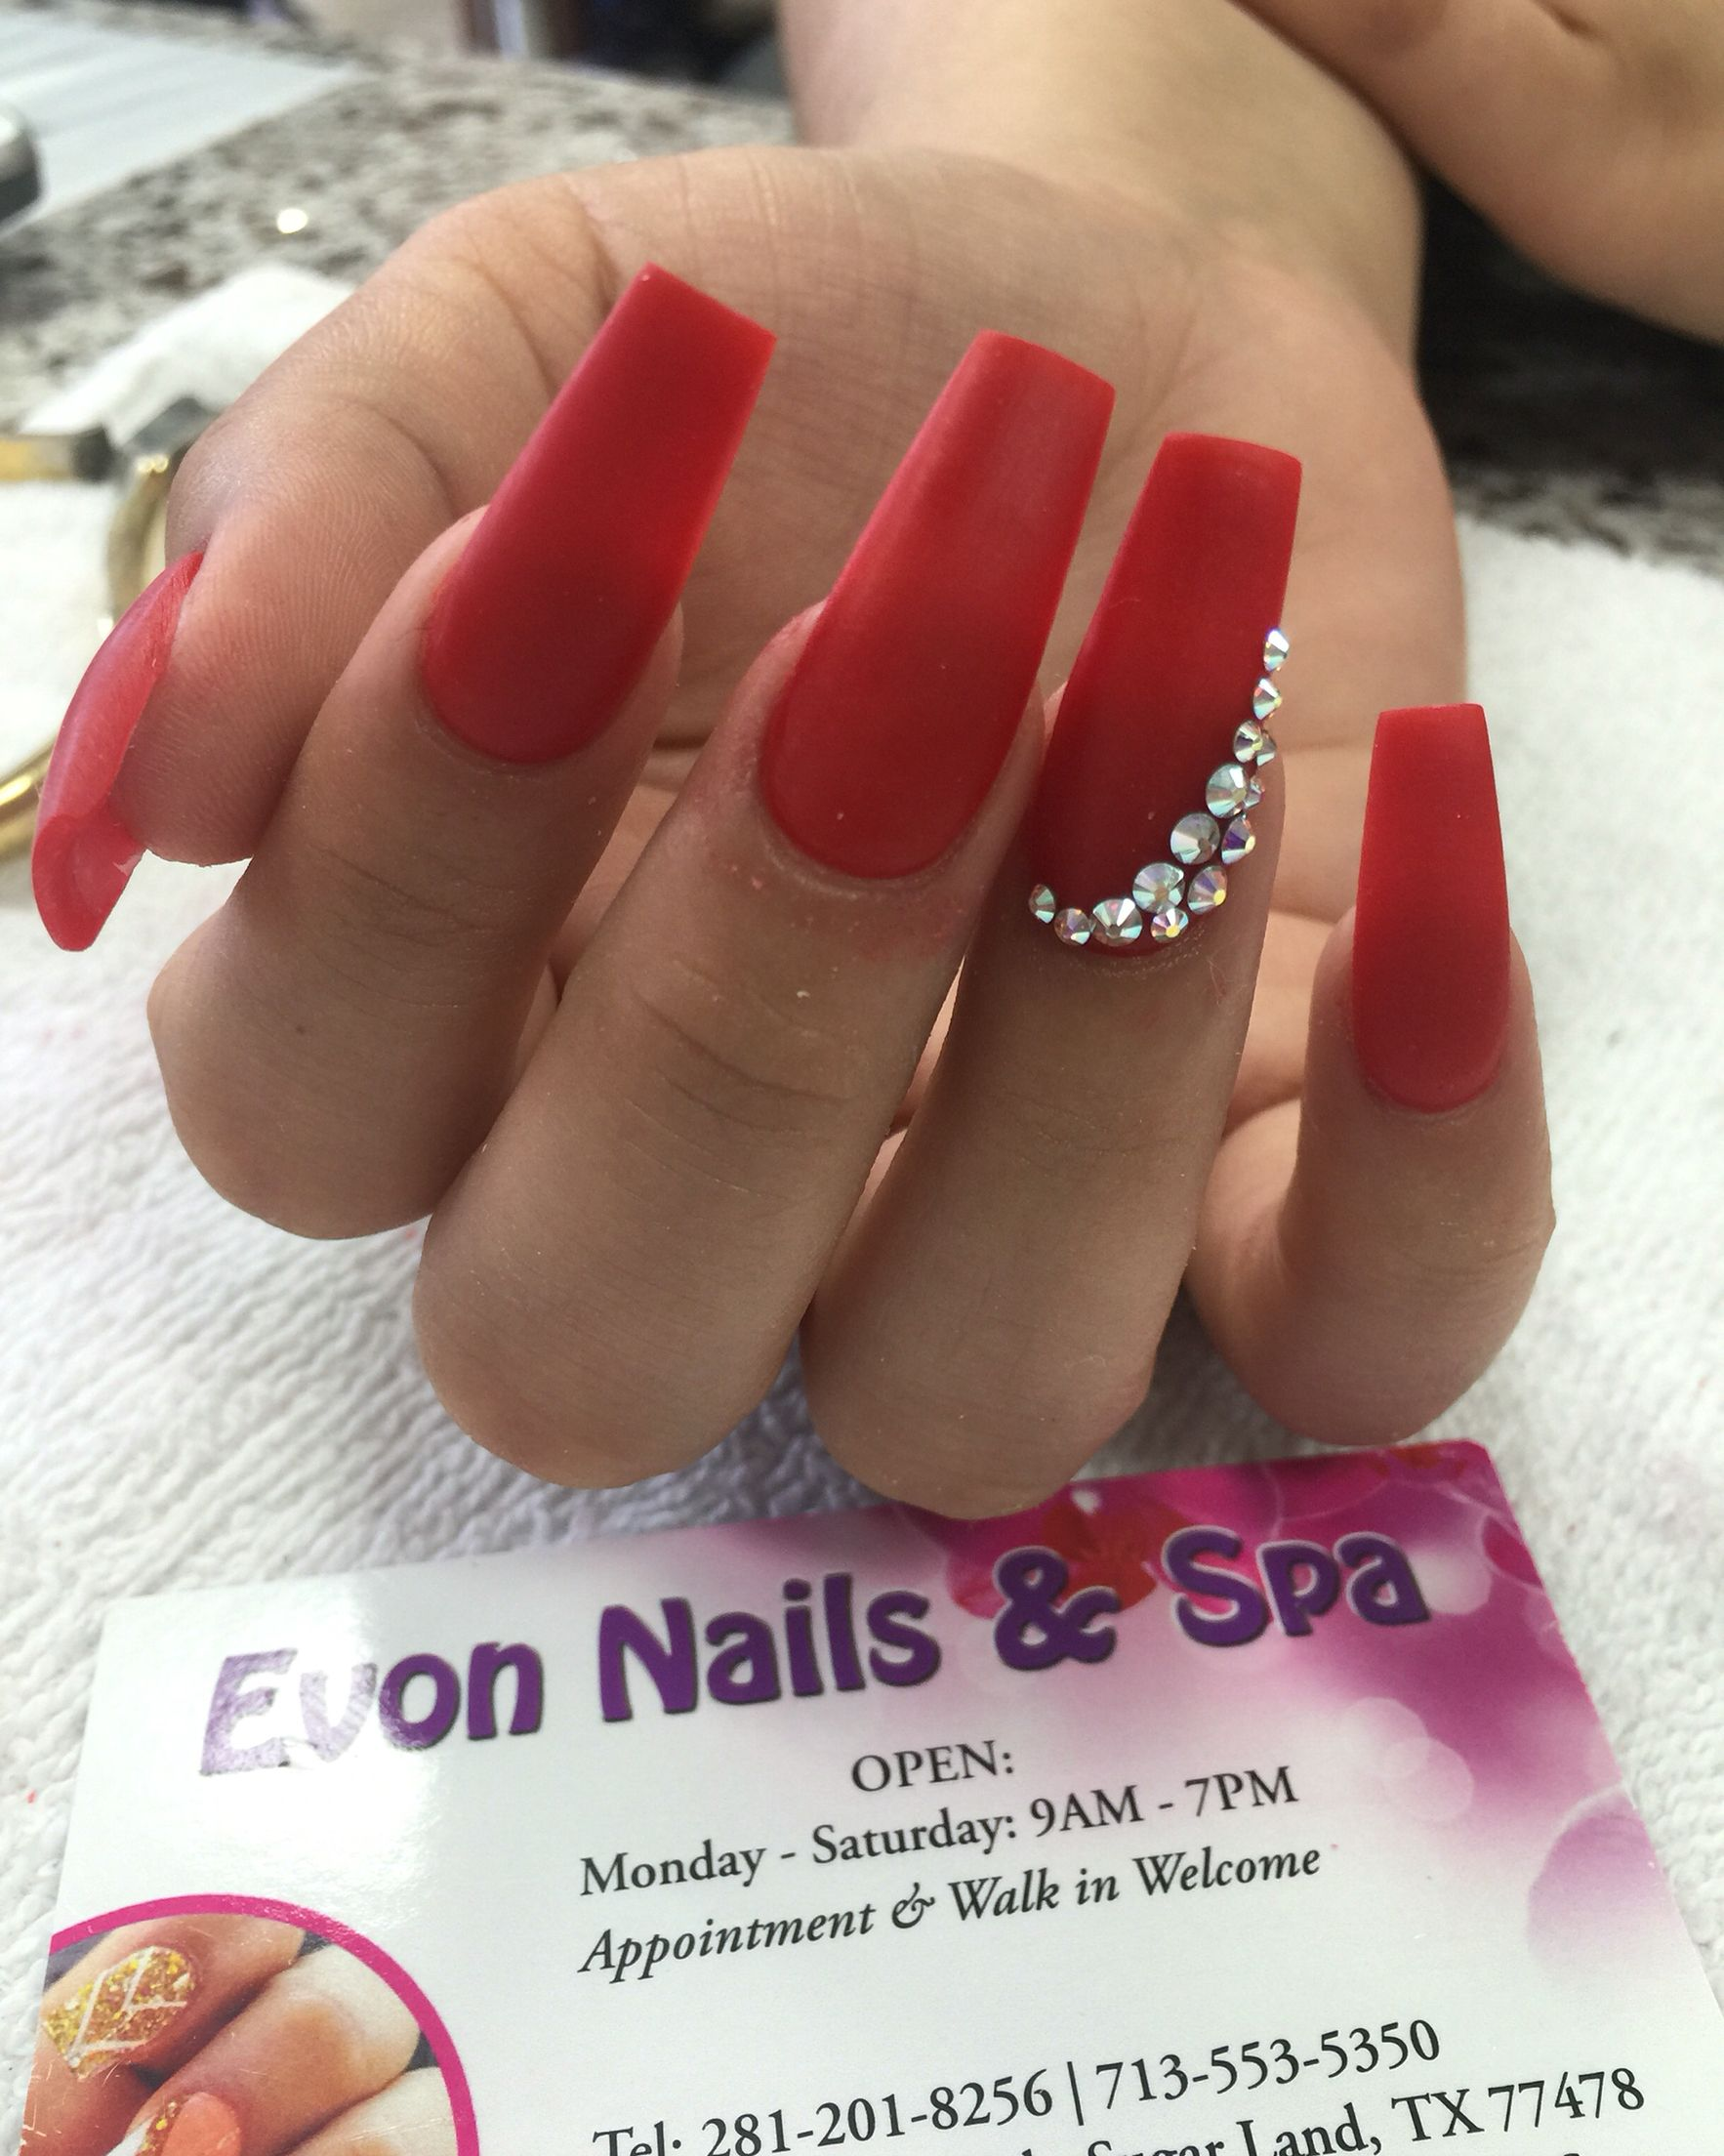 Evon nails & spa | Evon nails & spa | Pinterest | Nail spa and Red nails